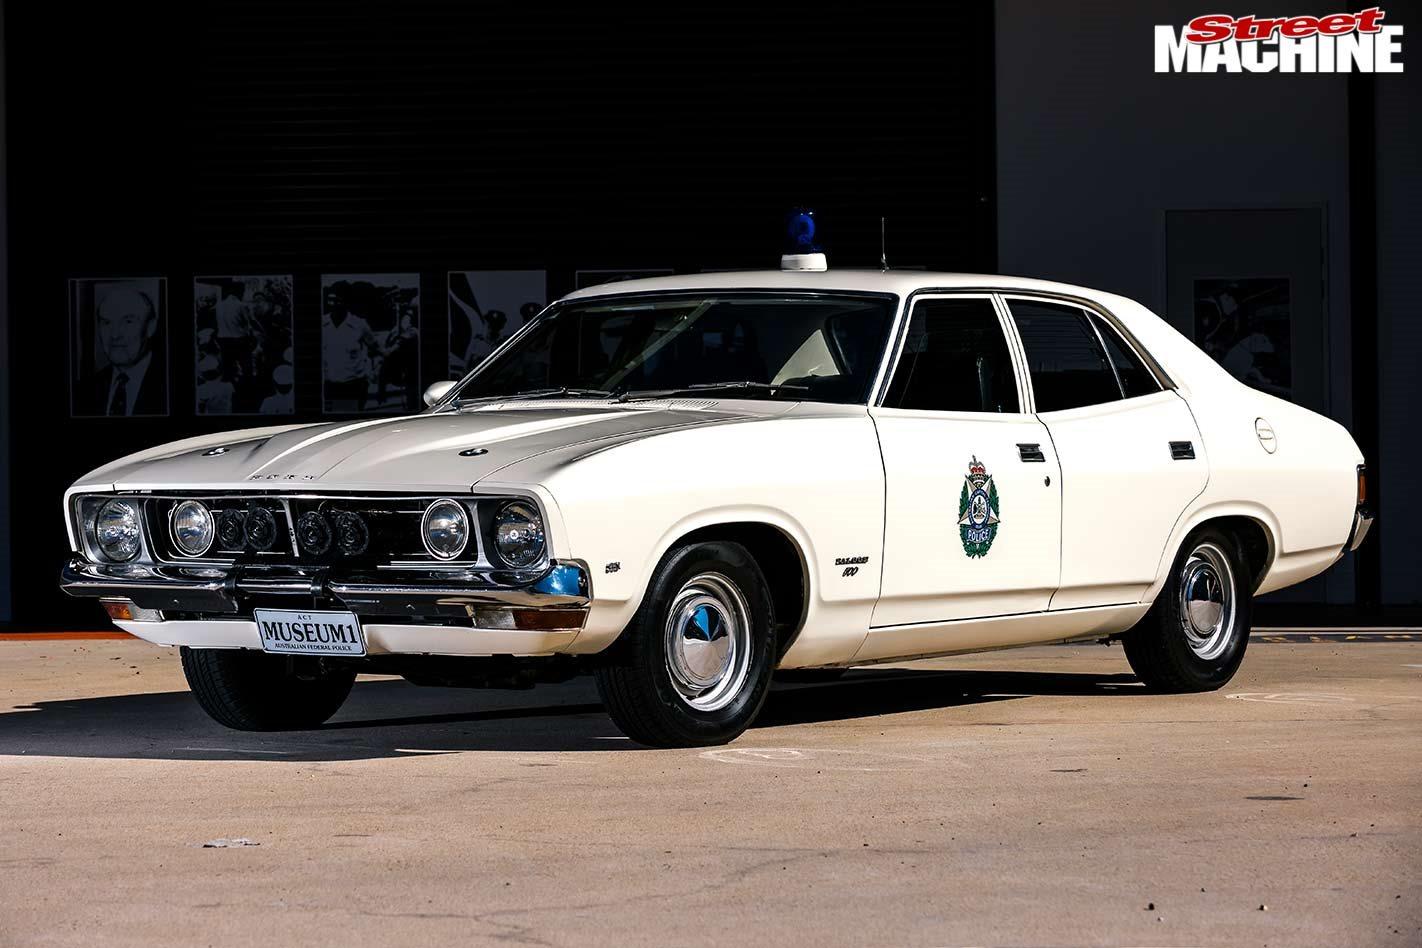 Ford XB Falcon police car